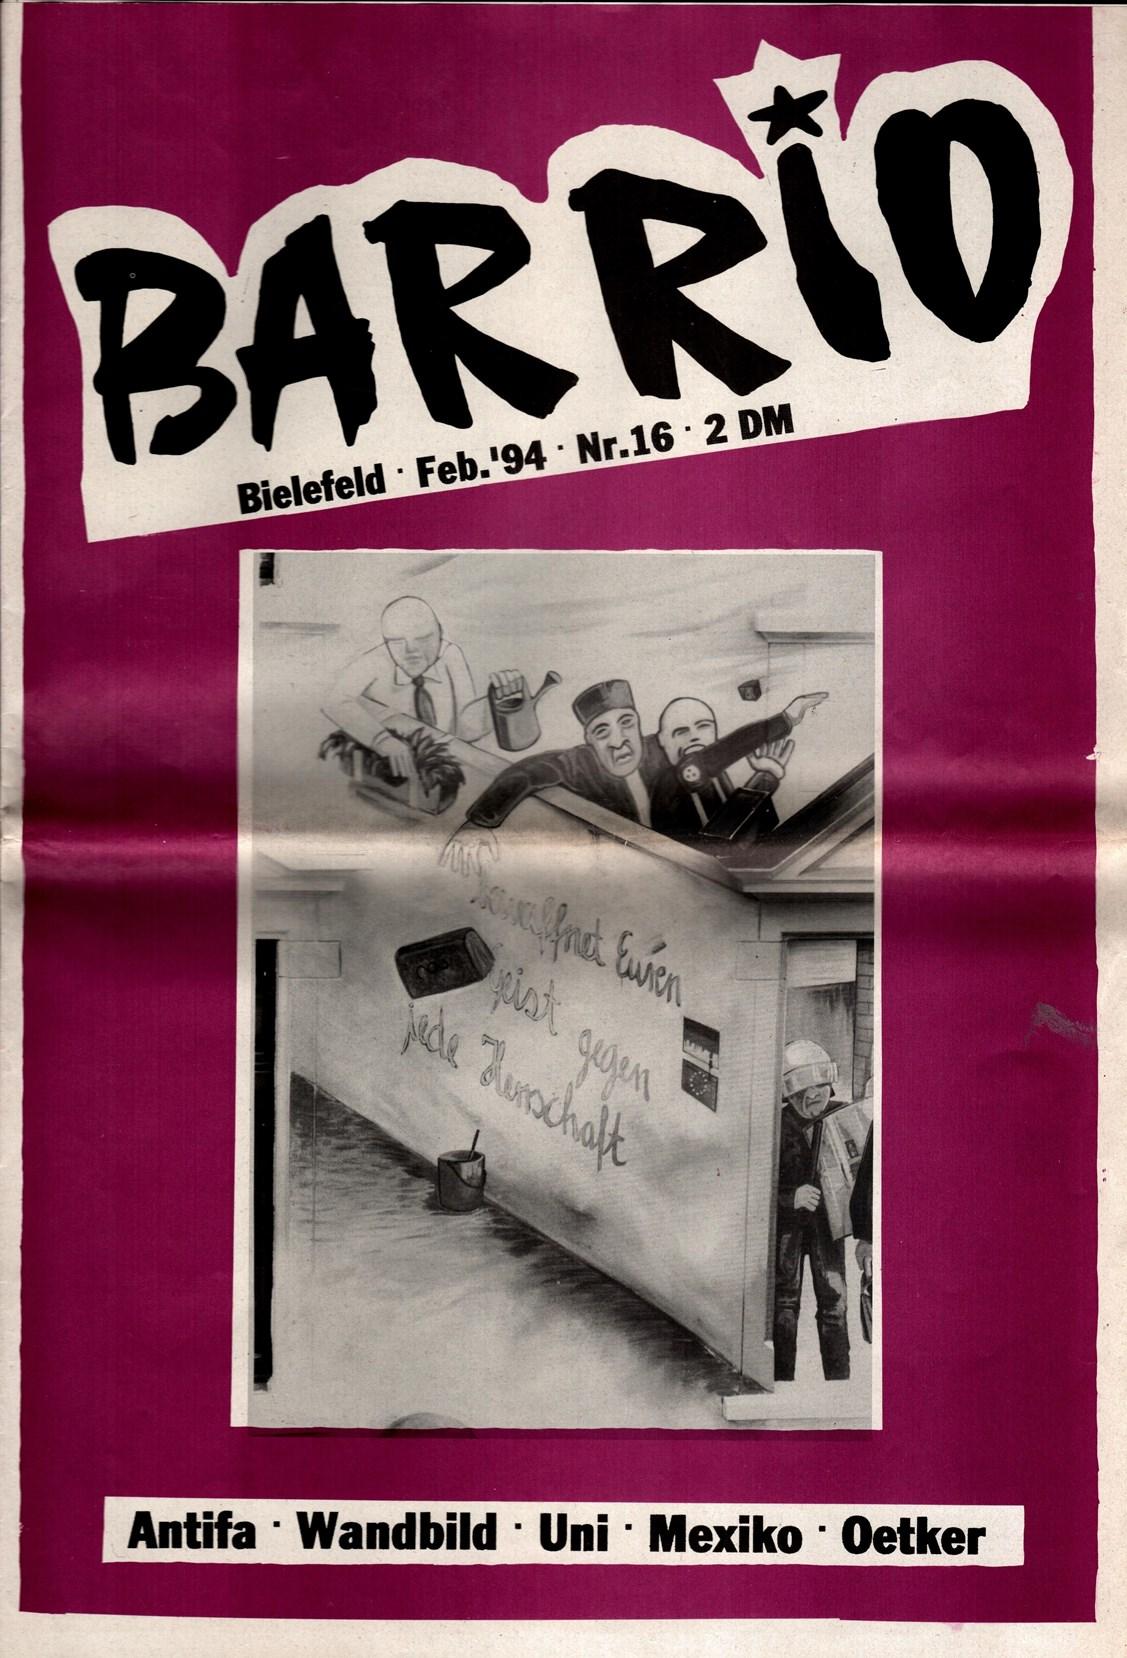 Bielefeld_Barrio_19940200_16_001